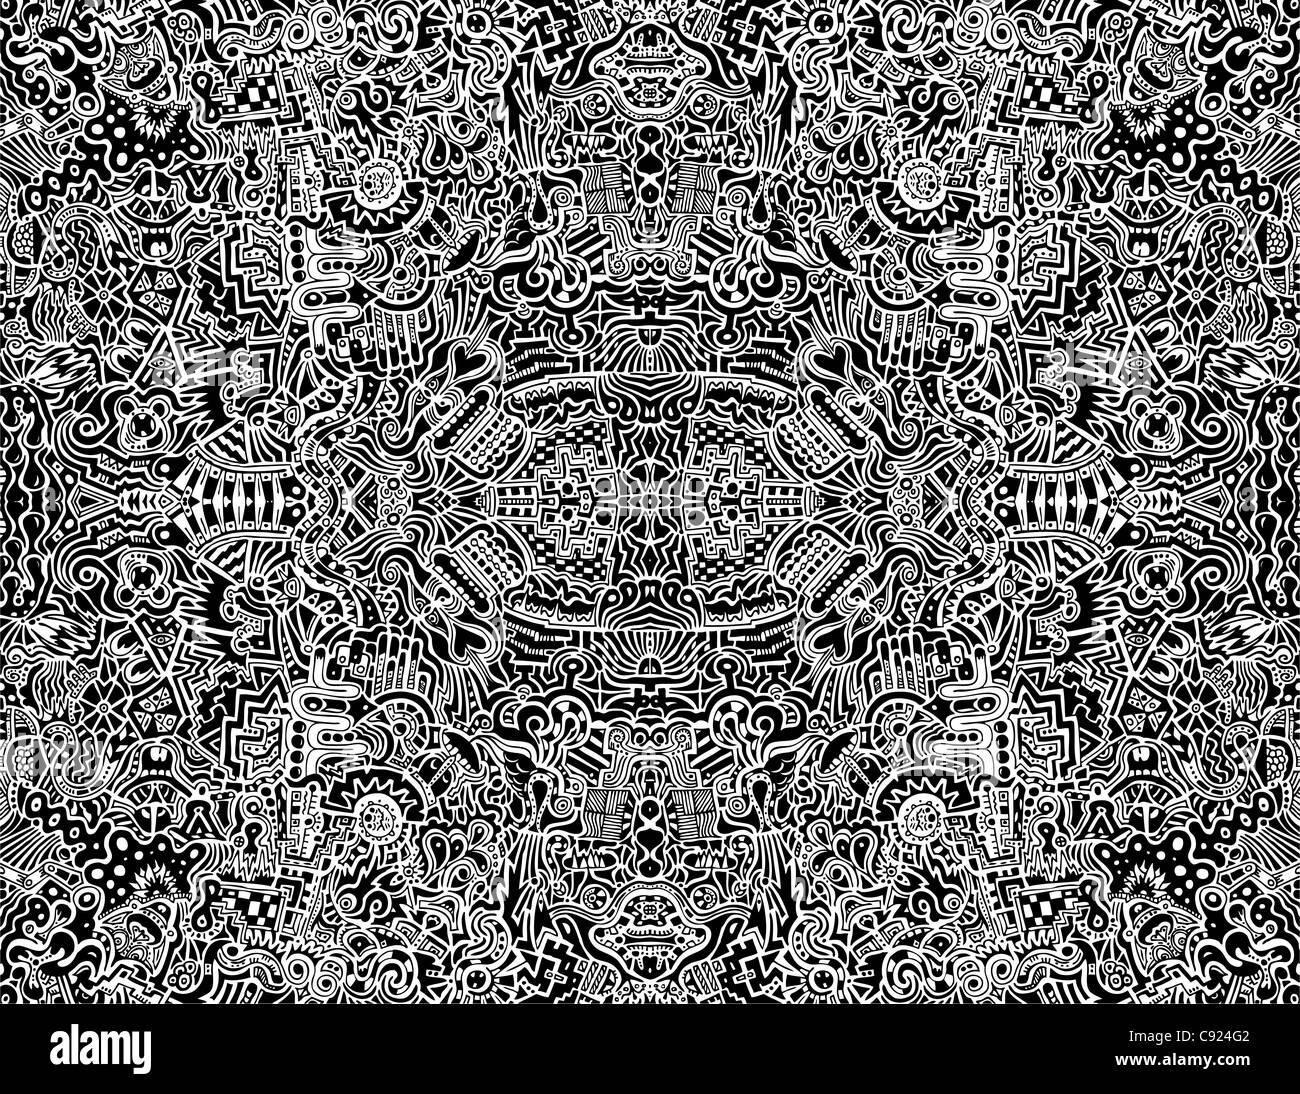 Eine hochkomplexe, symmetrisch, abstrakte nahtlose Darstellung. Stockbild